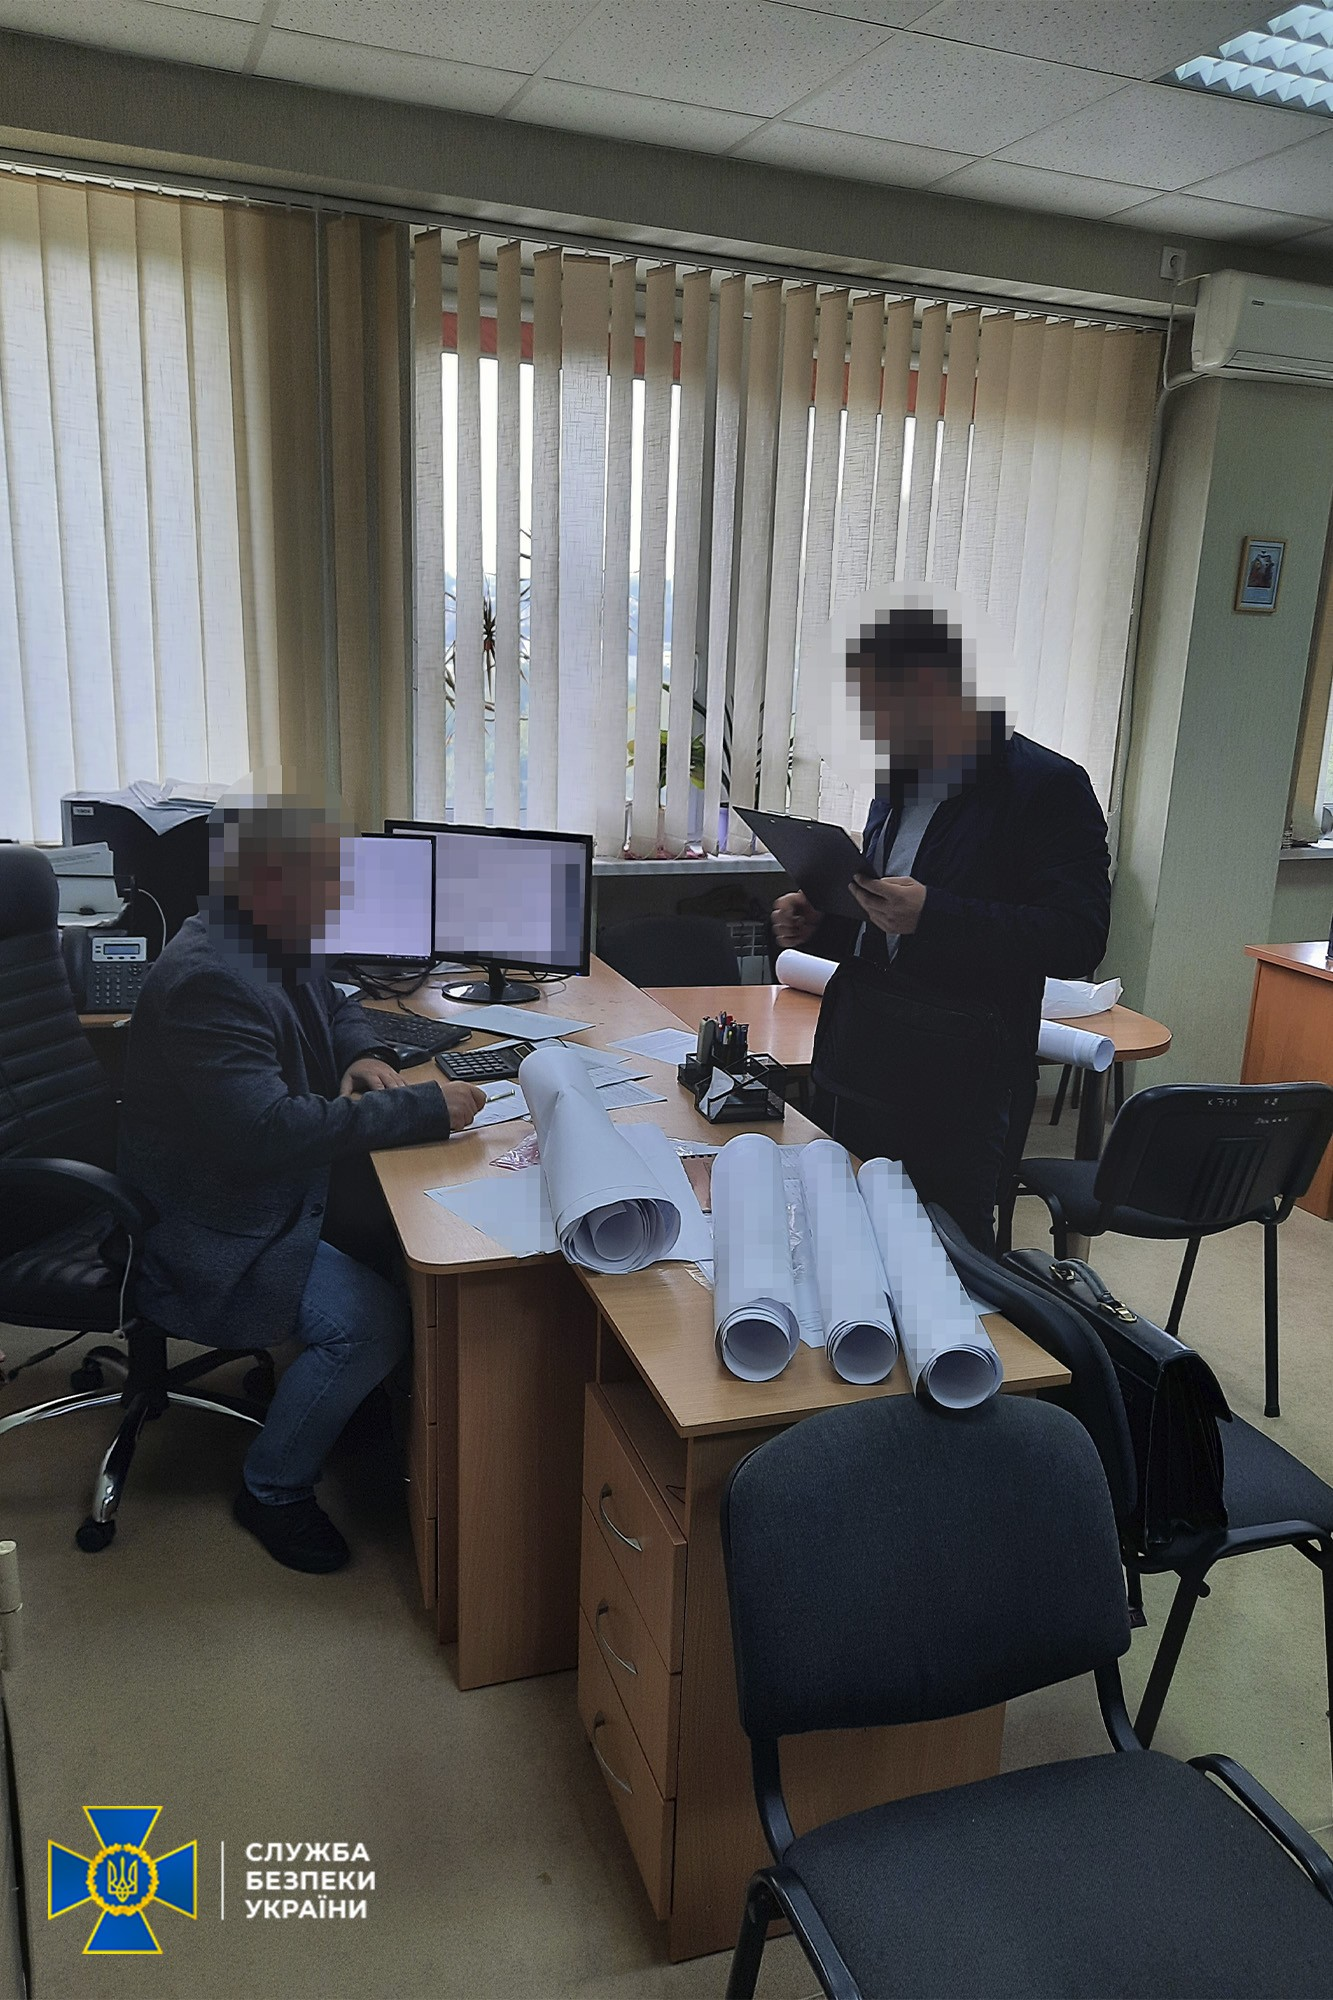 СБУ: Украинское конструкторское бюро модернизировало энергетические объекты в Крыму